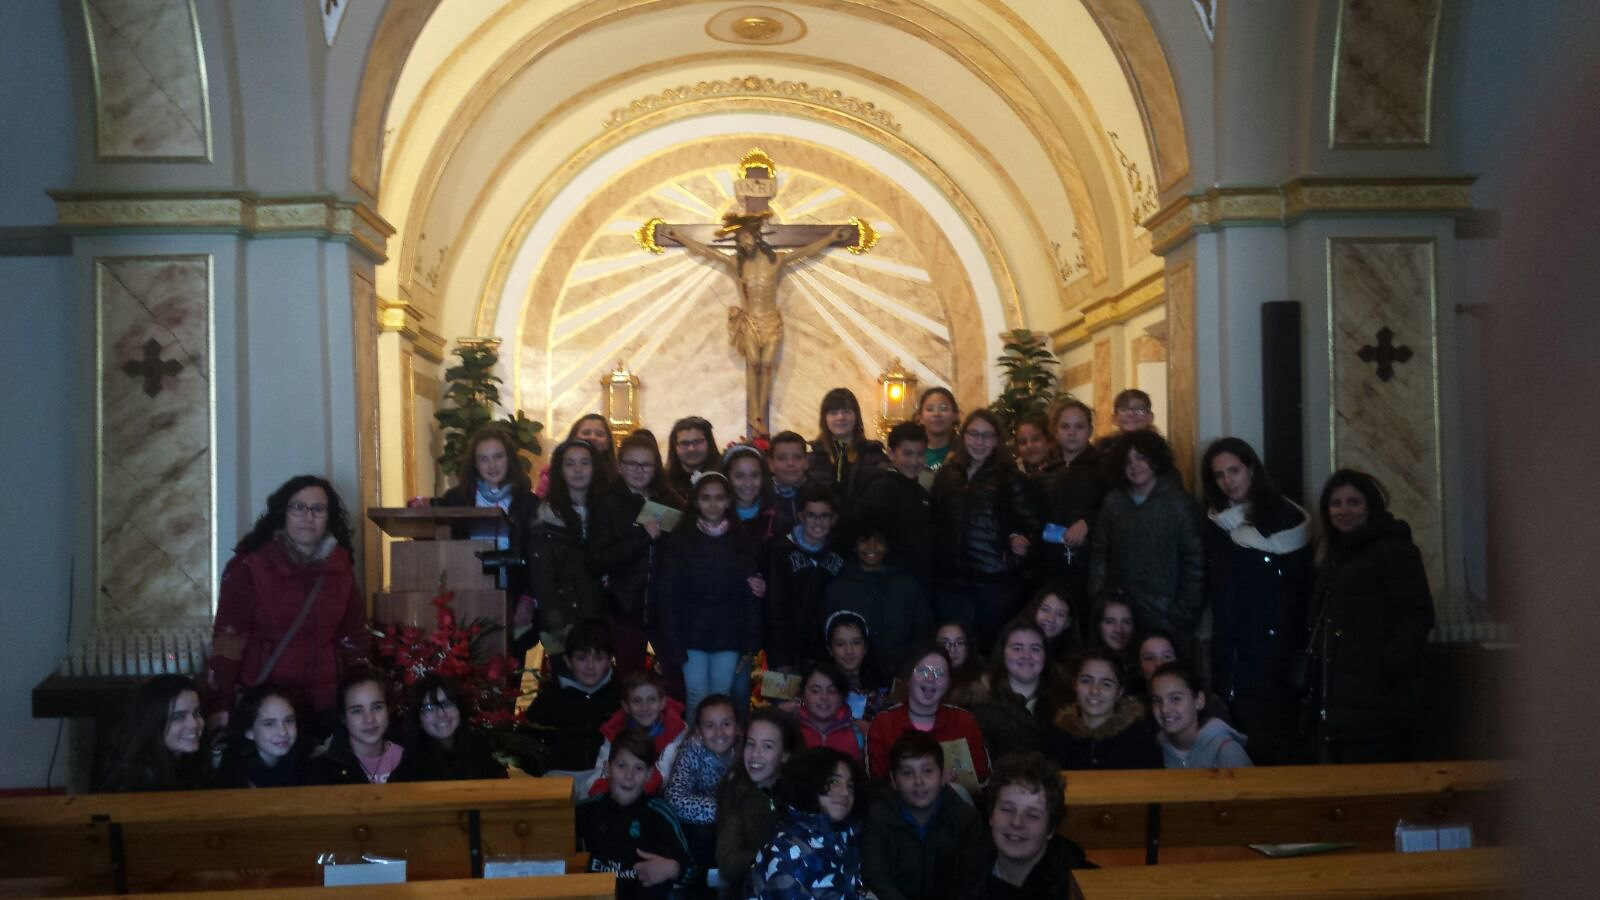 (2018-03-19) - Visita ermita alumnos Yolada-Pilar,6º, Virrey Poveda-9 de Octubre - Maria Isabel Berenquer Brotons - (02)